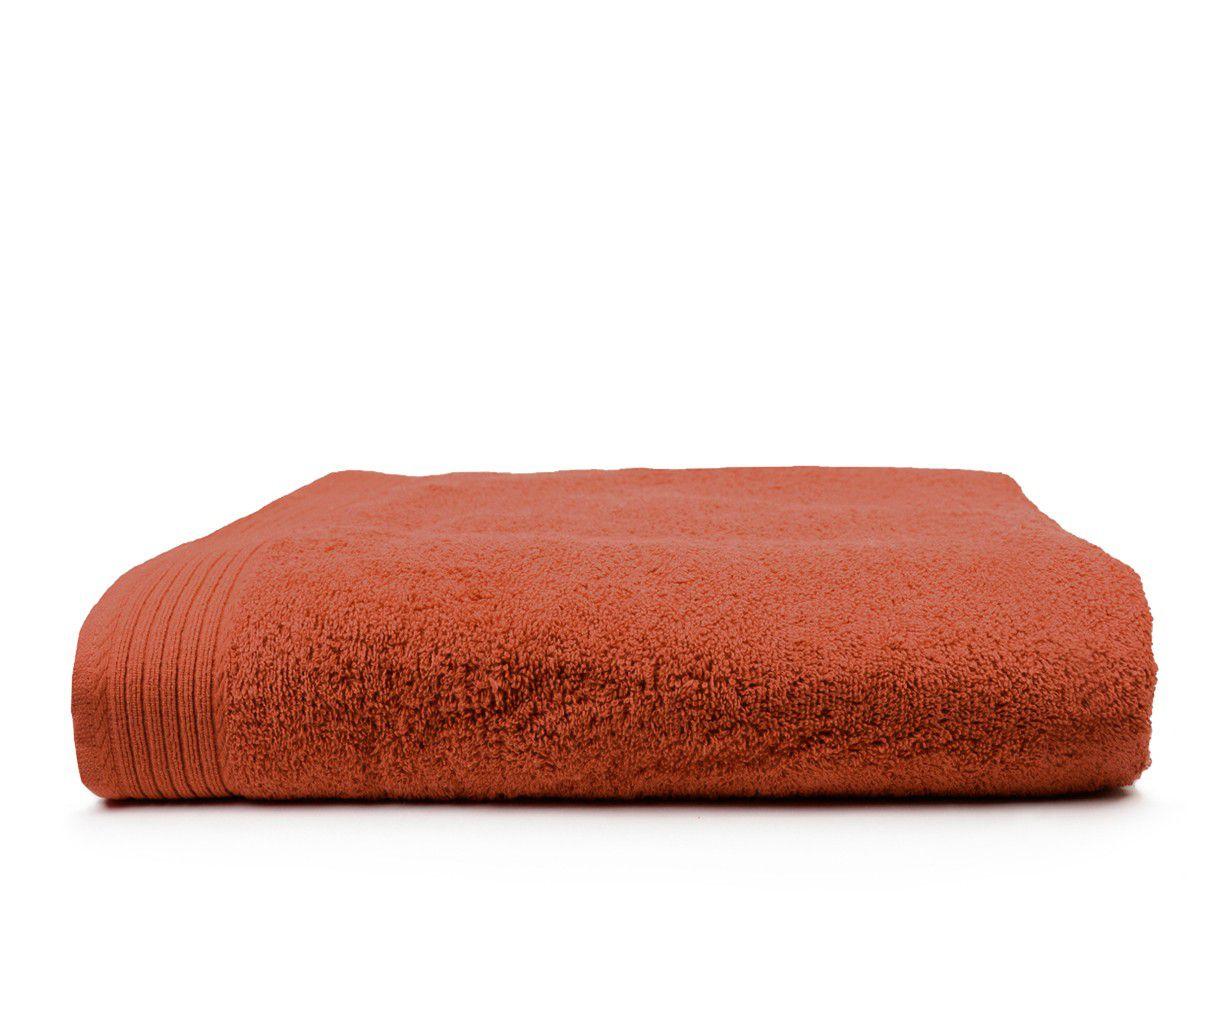 The One Badhanddoek Deluxe 70x140 550 gr Terra Spice